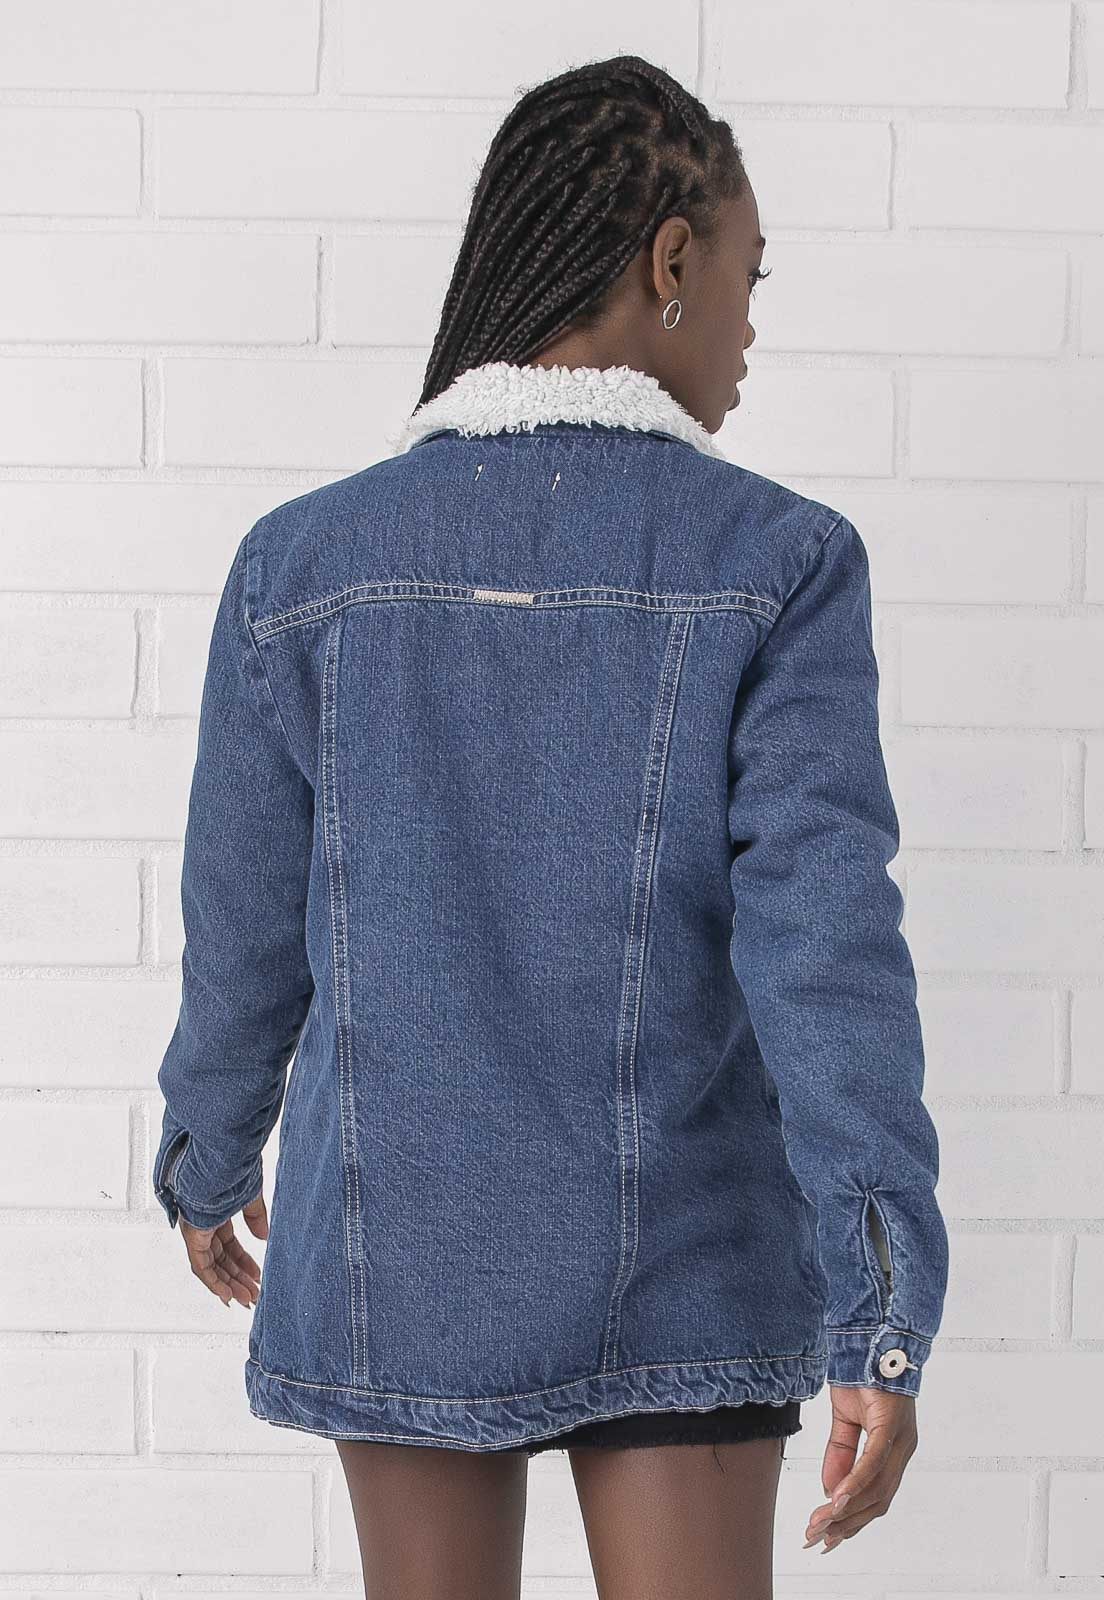 Jaqueta Jeans Escuro com Forro de Pelo Alongada Siena Pkd